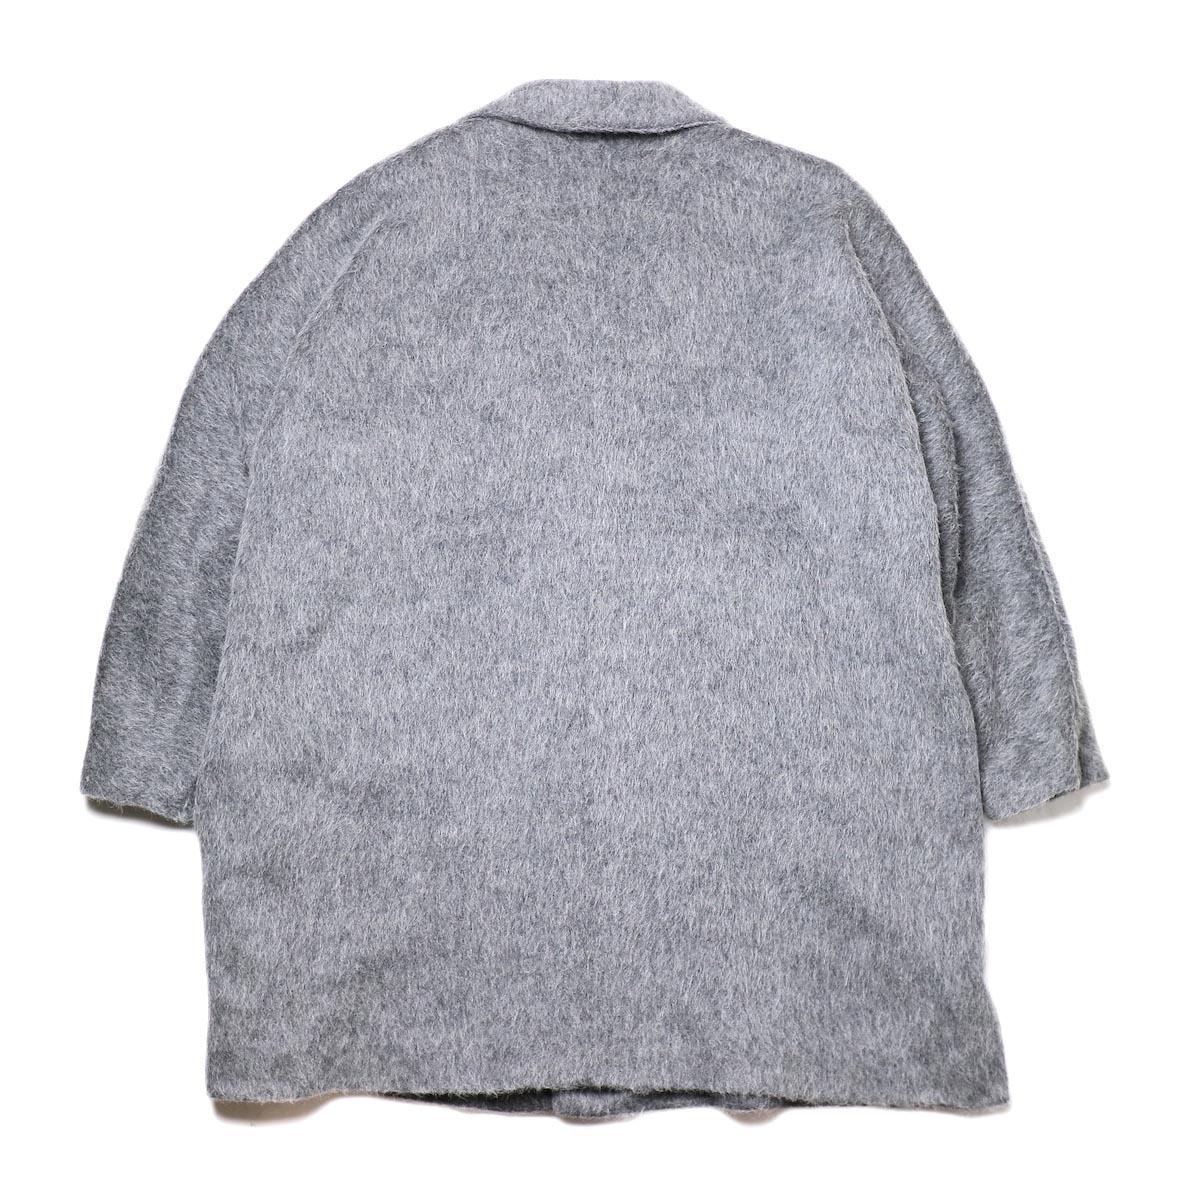 BASISBROEK / RECHT (med grey) 背面